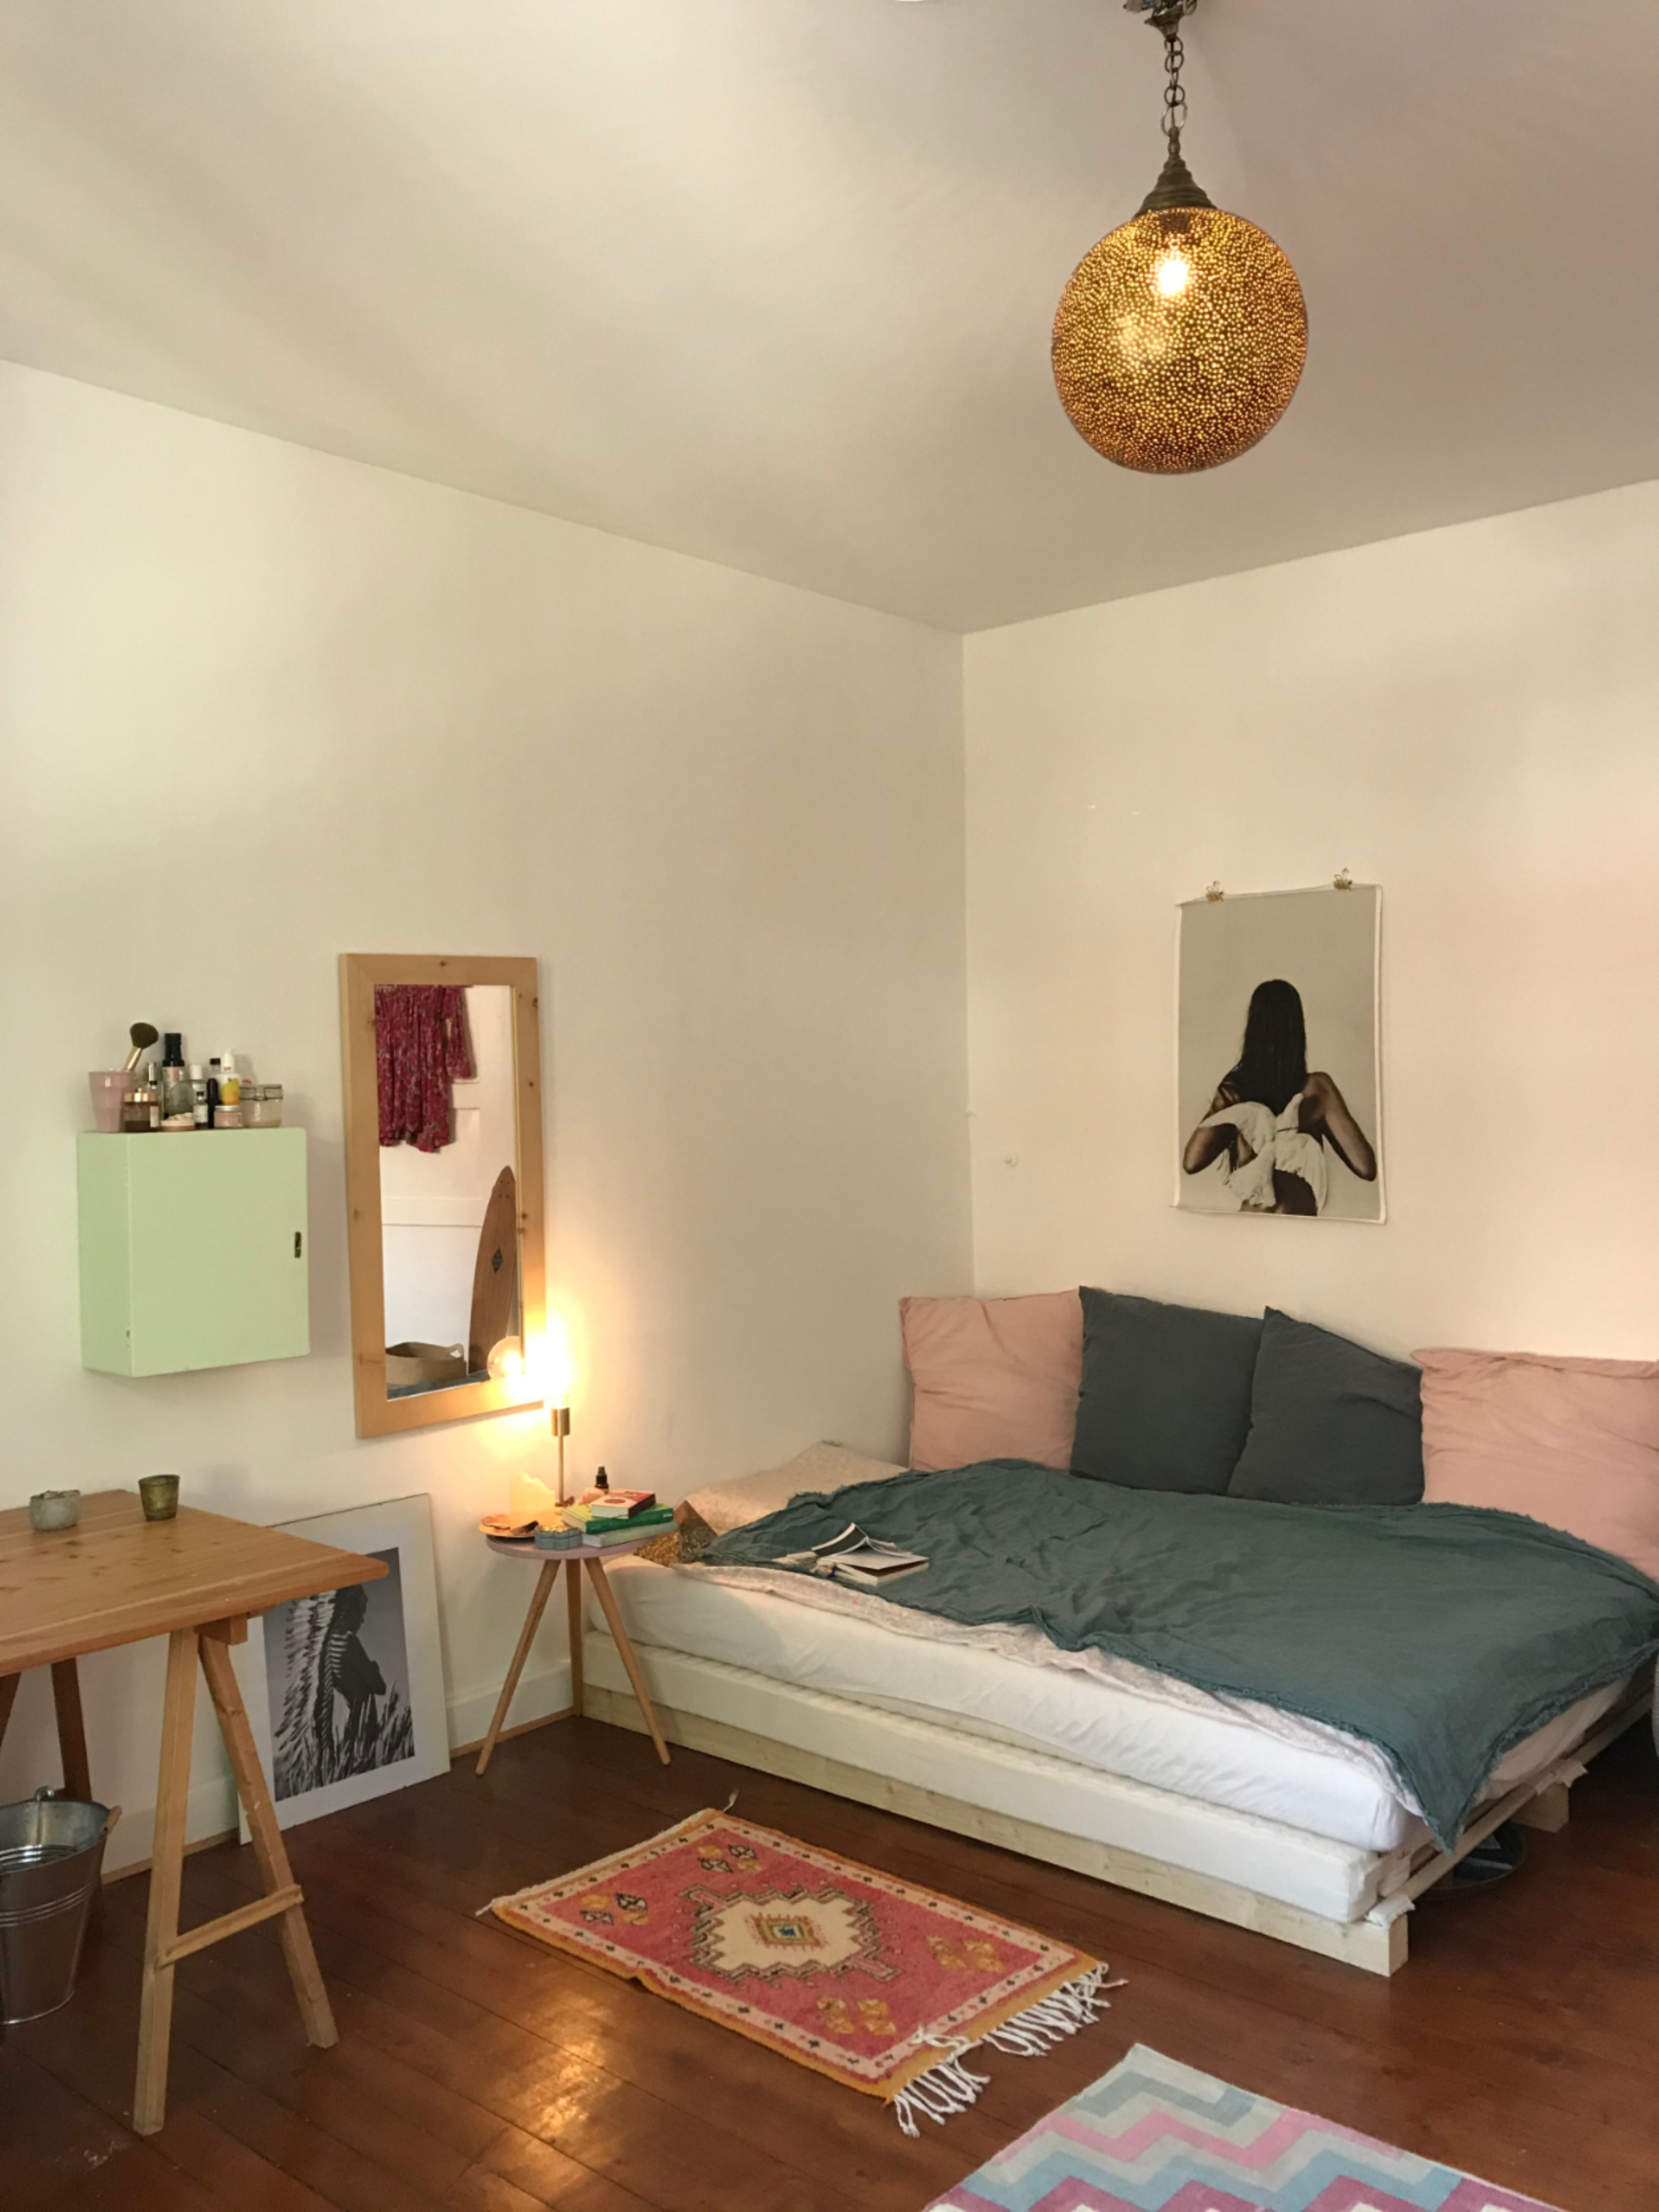 Ein Schones Grosses Schlafzimmer Mit Einem Grossen Gemutlichen